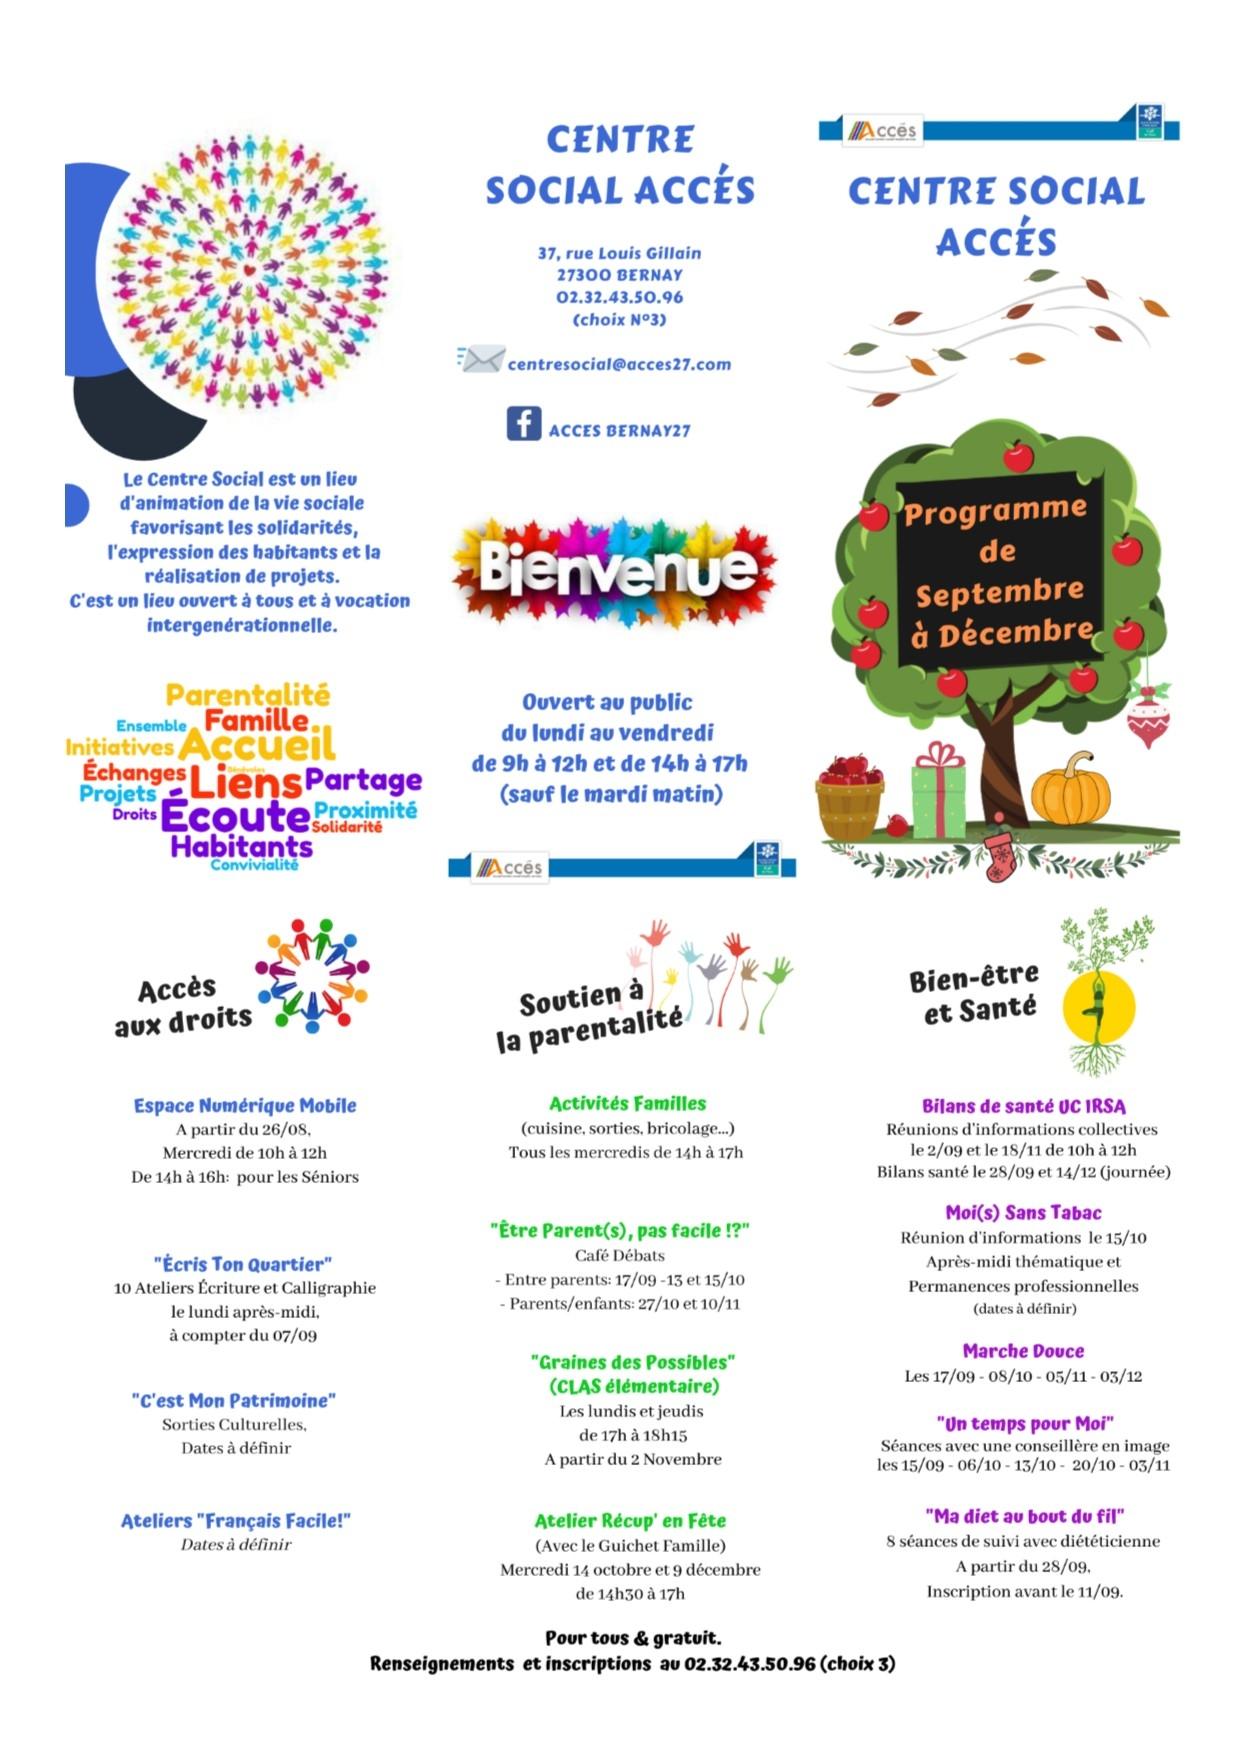 Retrouvez le programme des animations du Centre social ACCES- Septembre à Décembre 2020